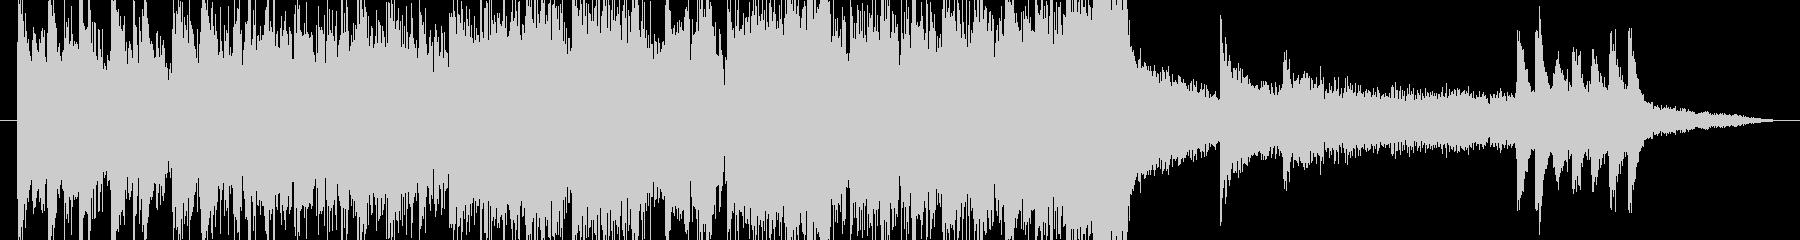 楽器いろいろサウンドロゴの未再生の波形